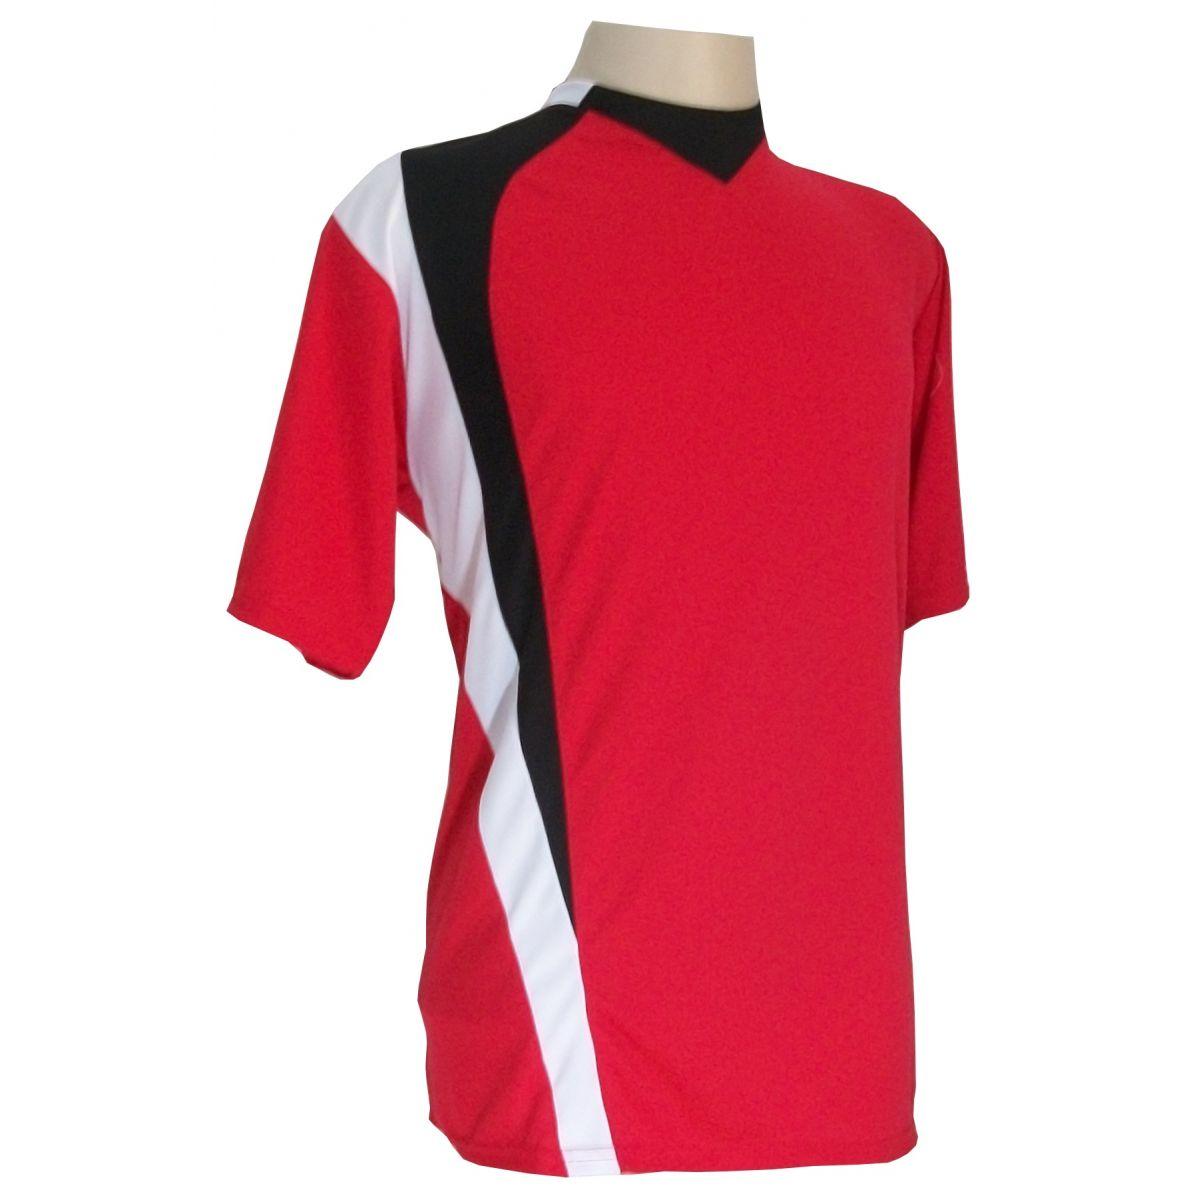 Jogo de Camisa com 14 unidades modelo PSG Vermelho/Preto/Branco + 1 Goleiro + Brindes